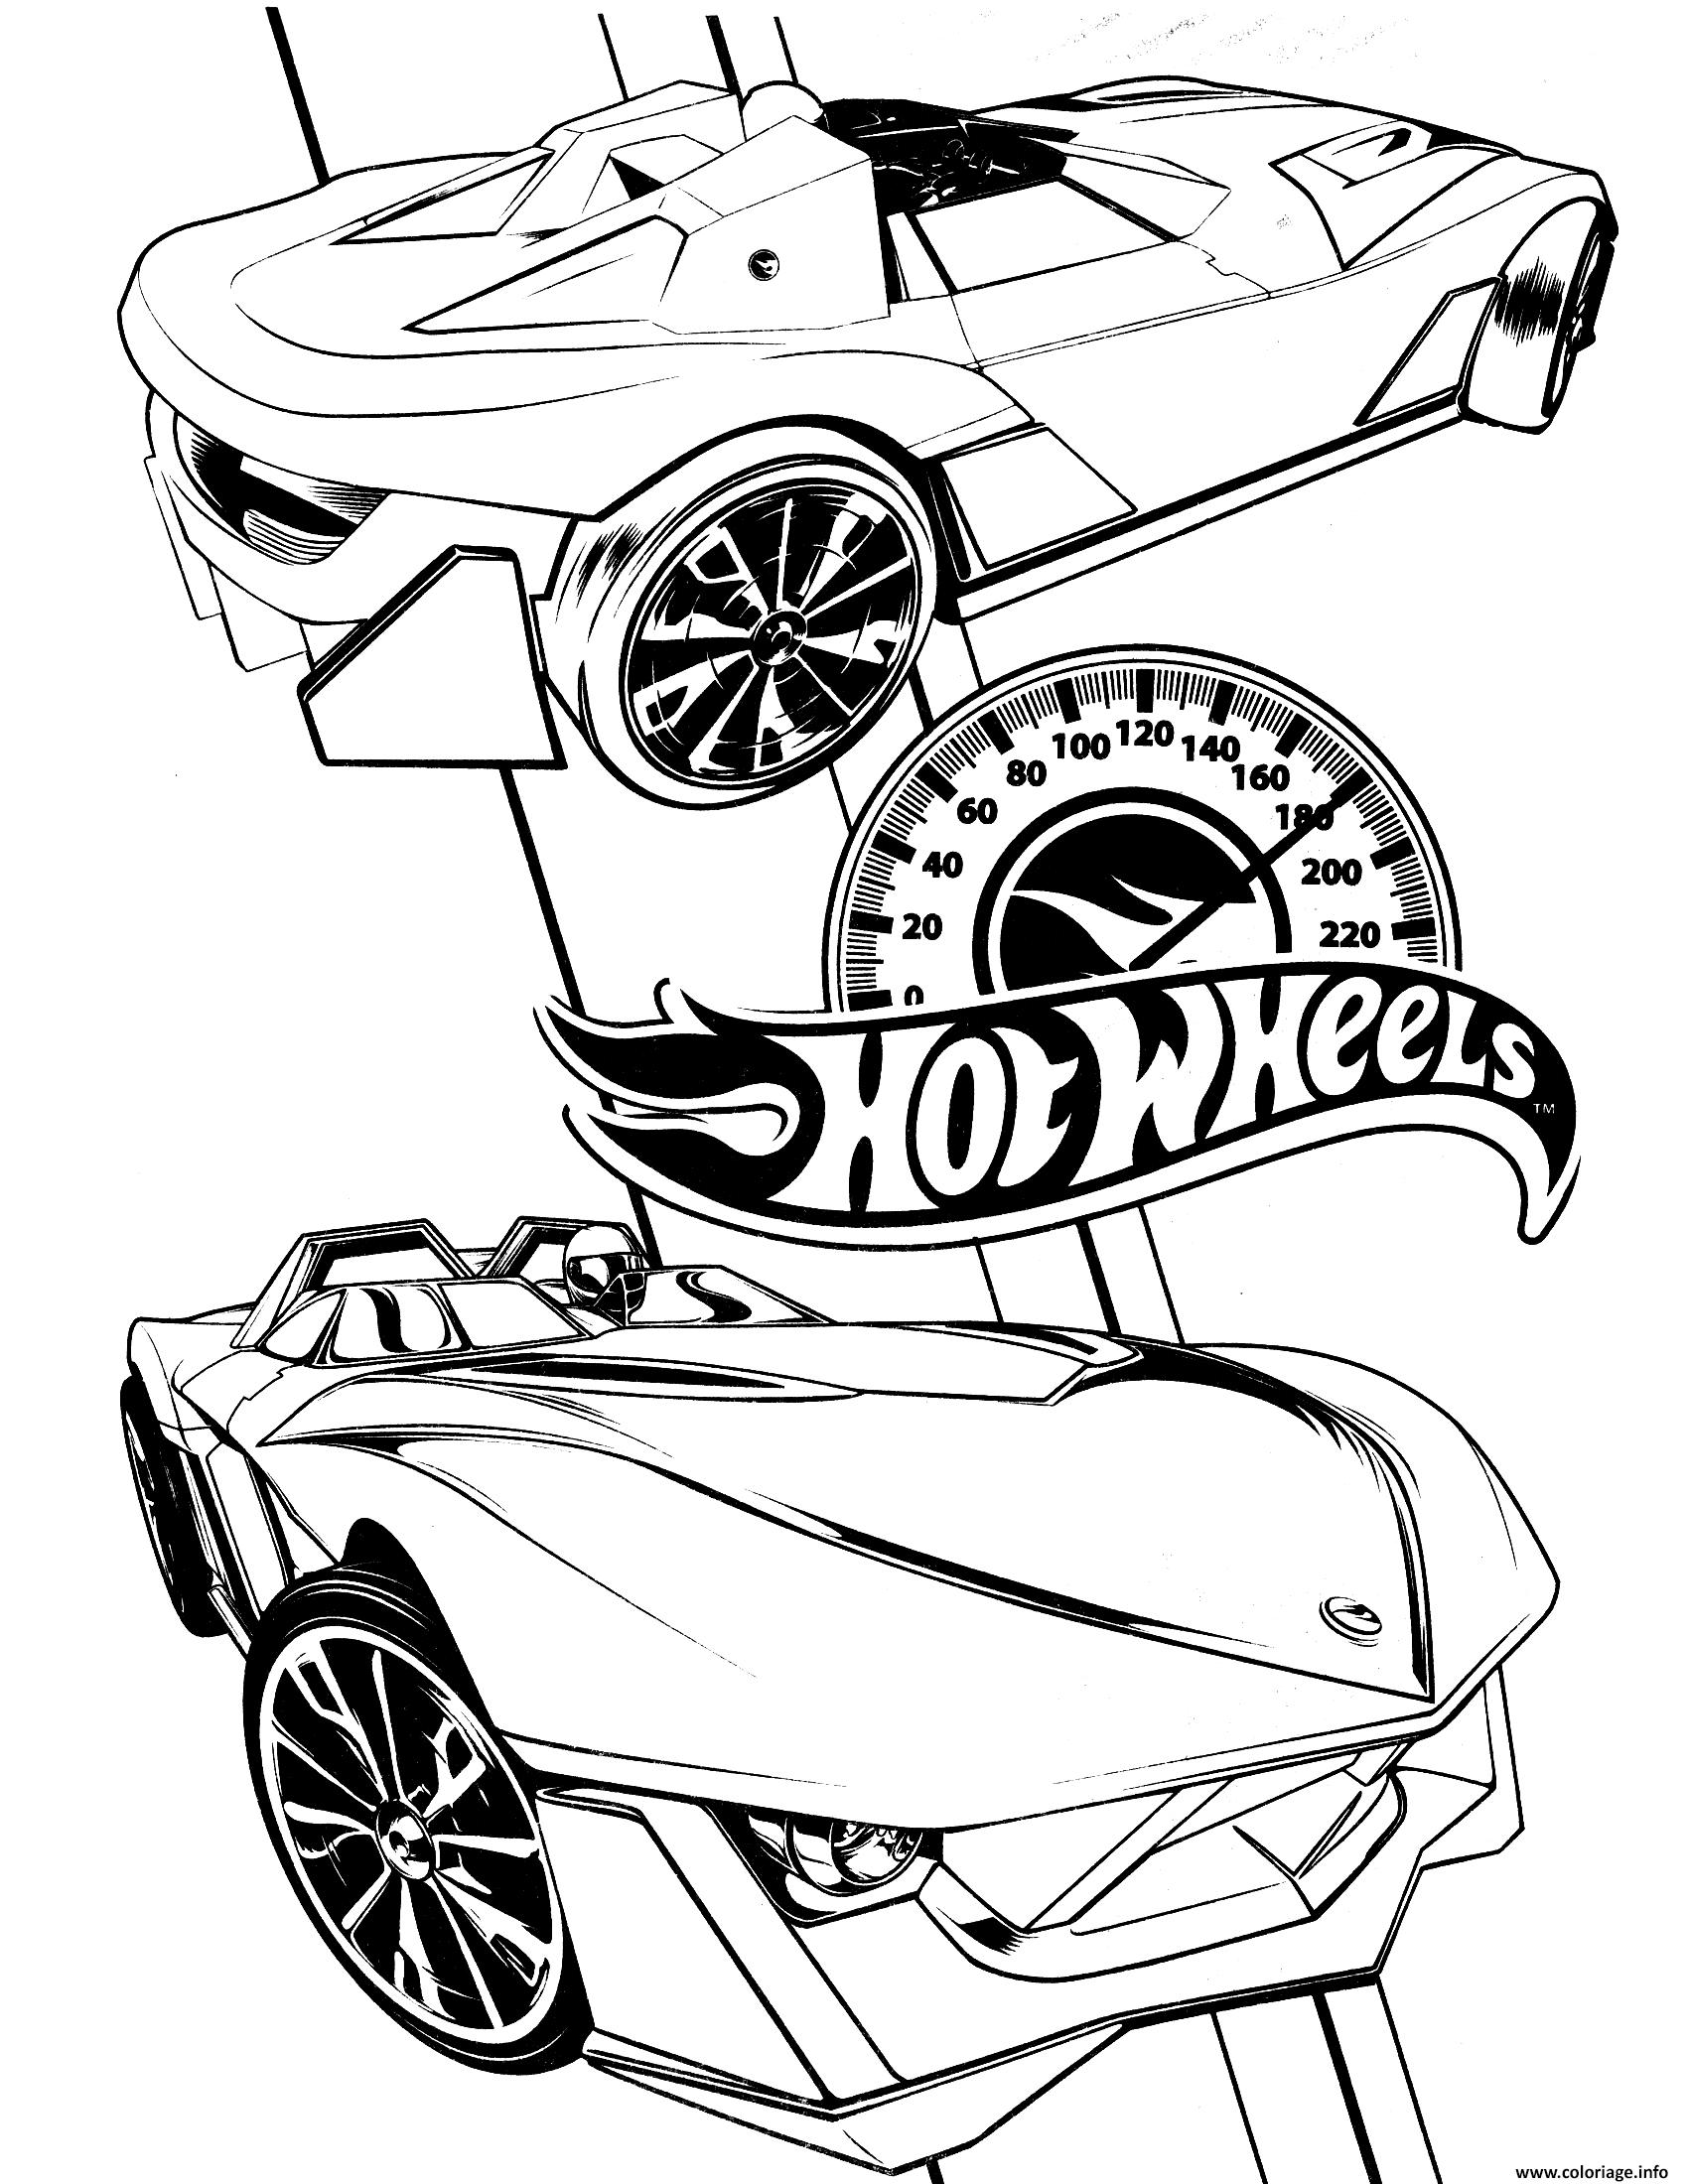 Dessin hot wheels 3 Coloriage Gratuit à Imprimer